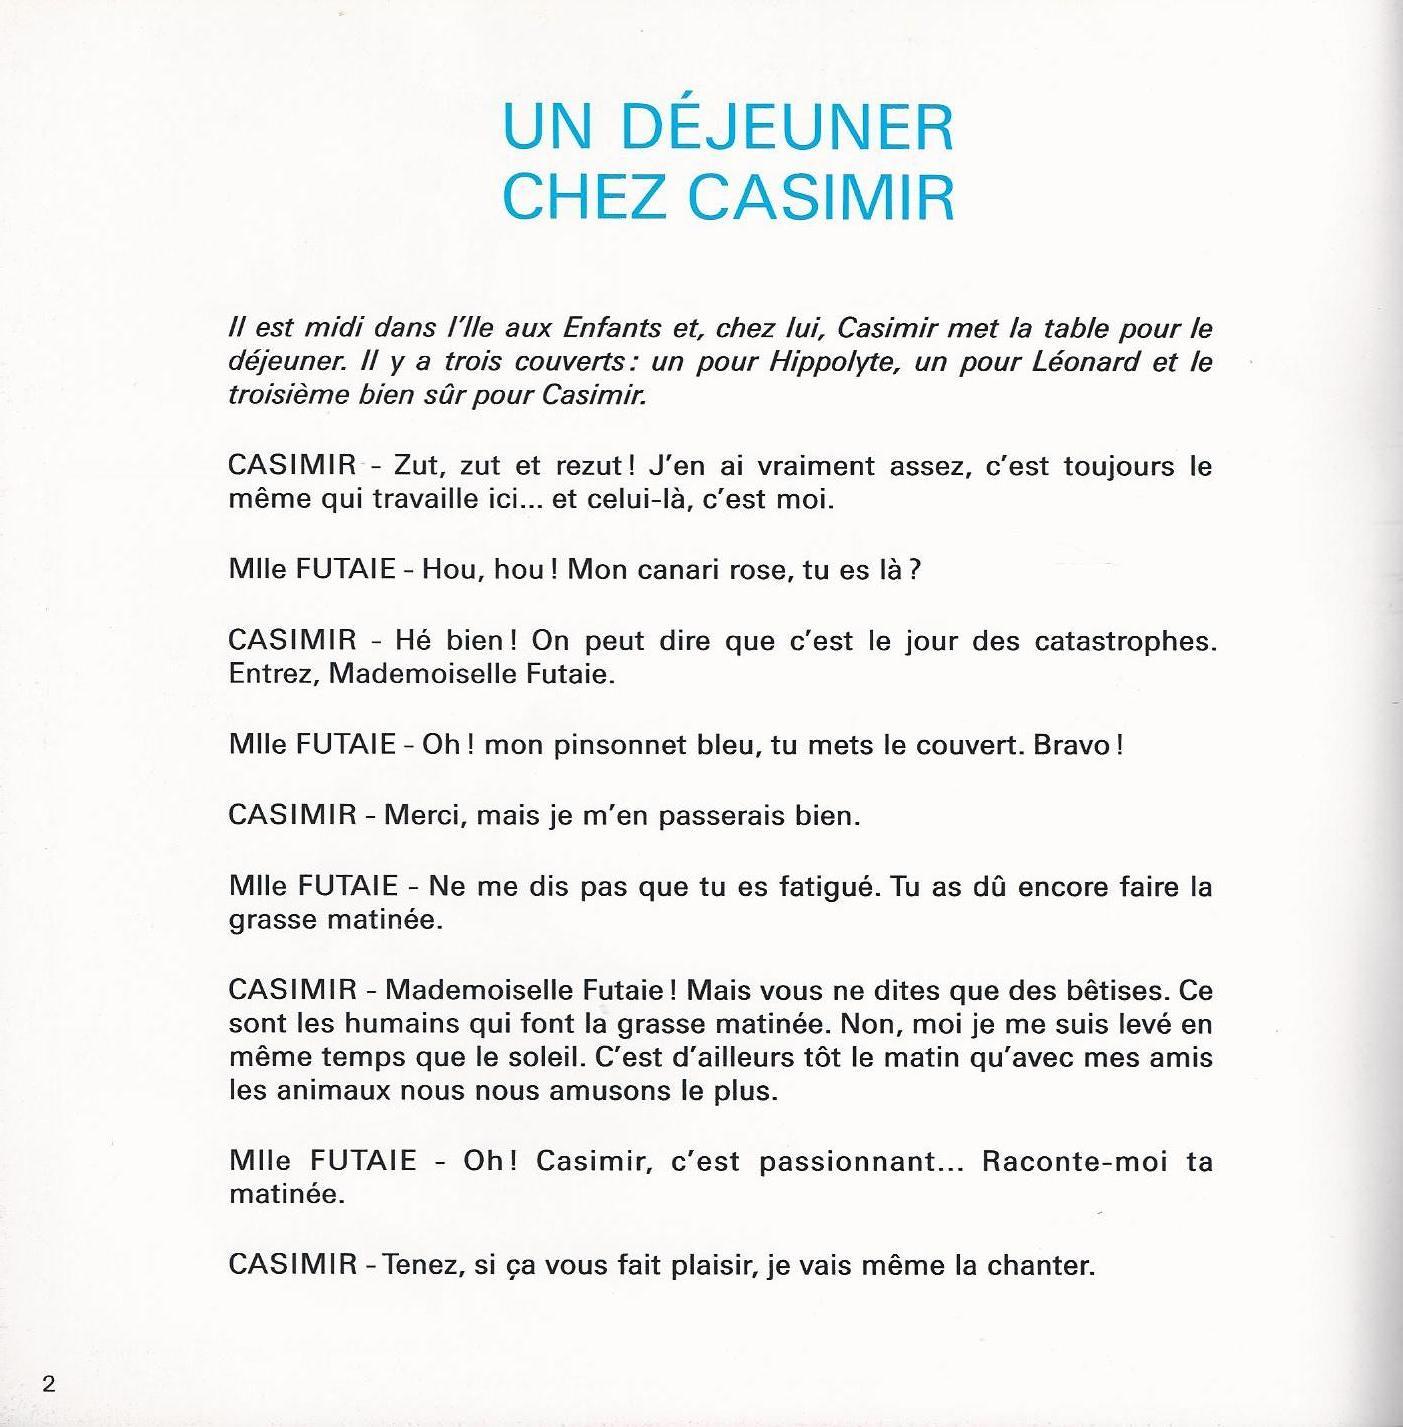 http://grenierdelatv.free.fr/2/casimirdejeuner02.jpg